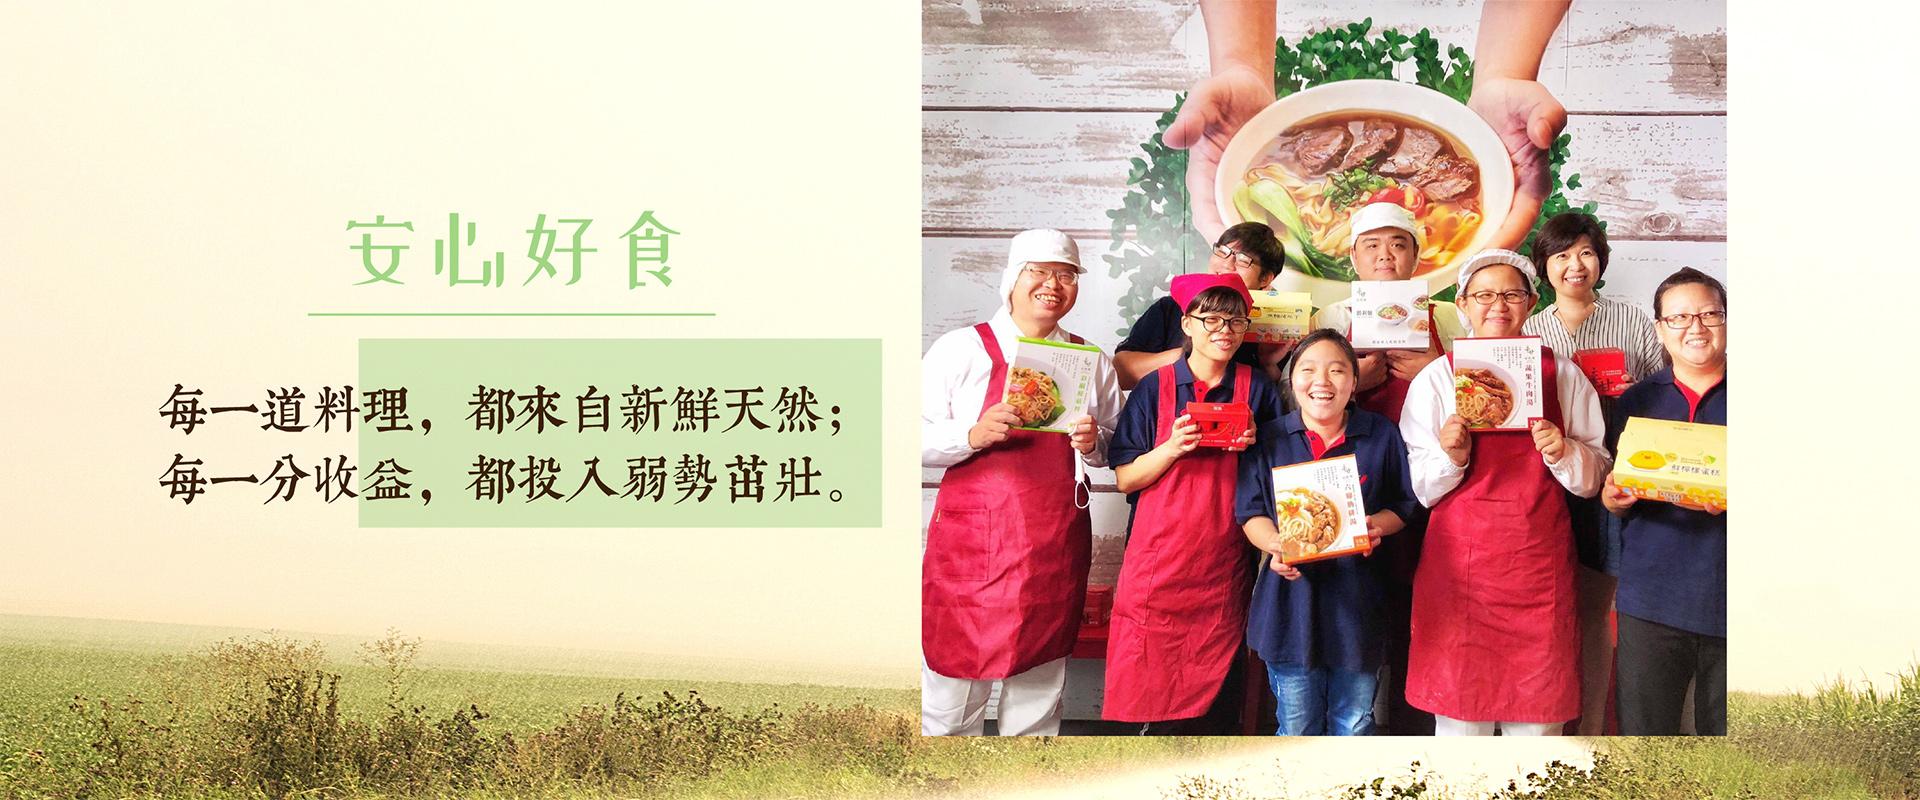 勝利廚房品牌精神-安心好食-做給家人吃的食物